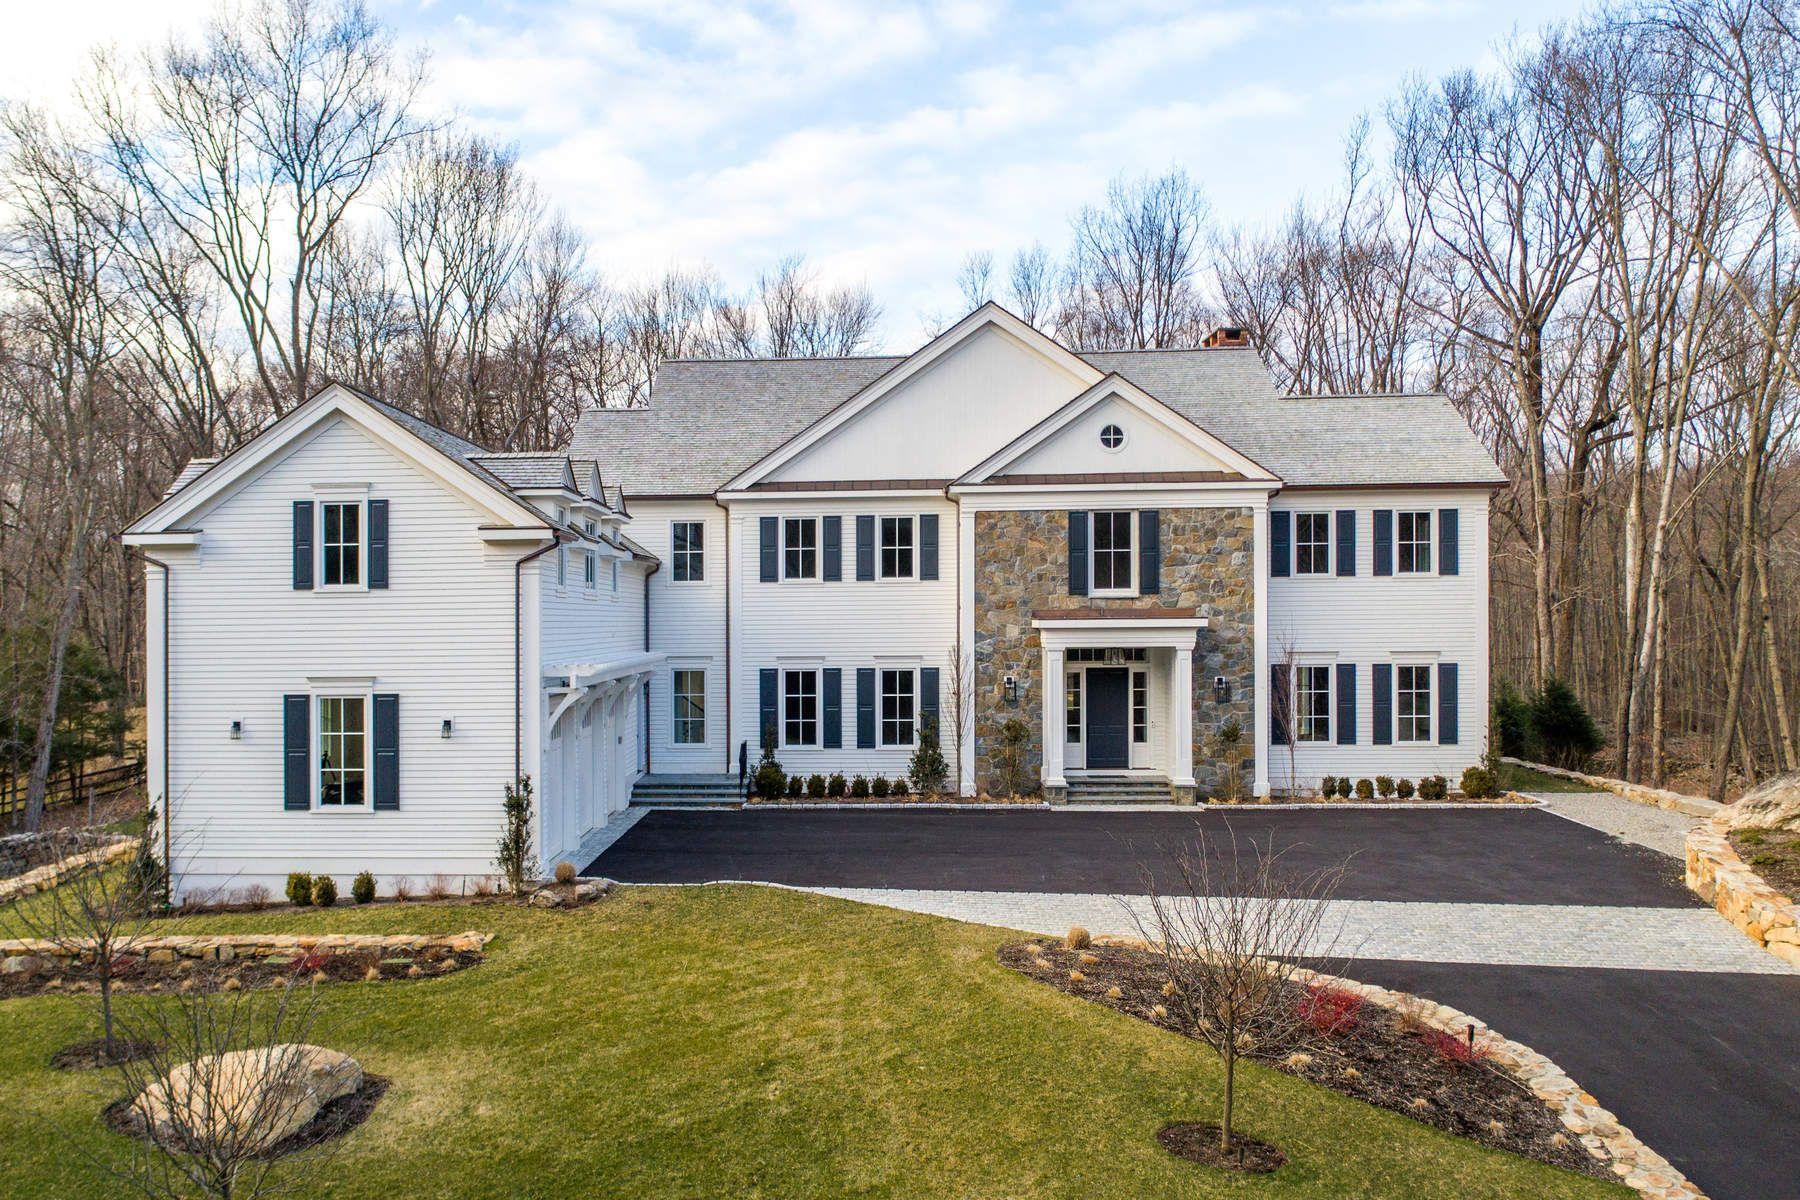 Casa Unifamiliar por un Venta en 19 North Porchuck Road Backcountry, Greenwich, Connecticut, 06831 Estados Unidos